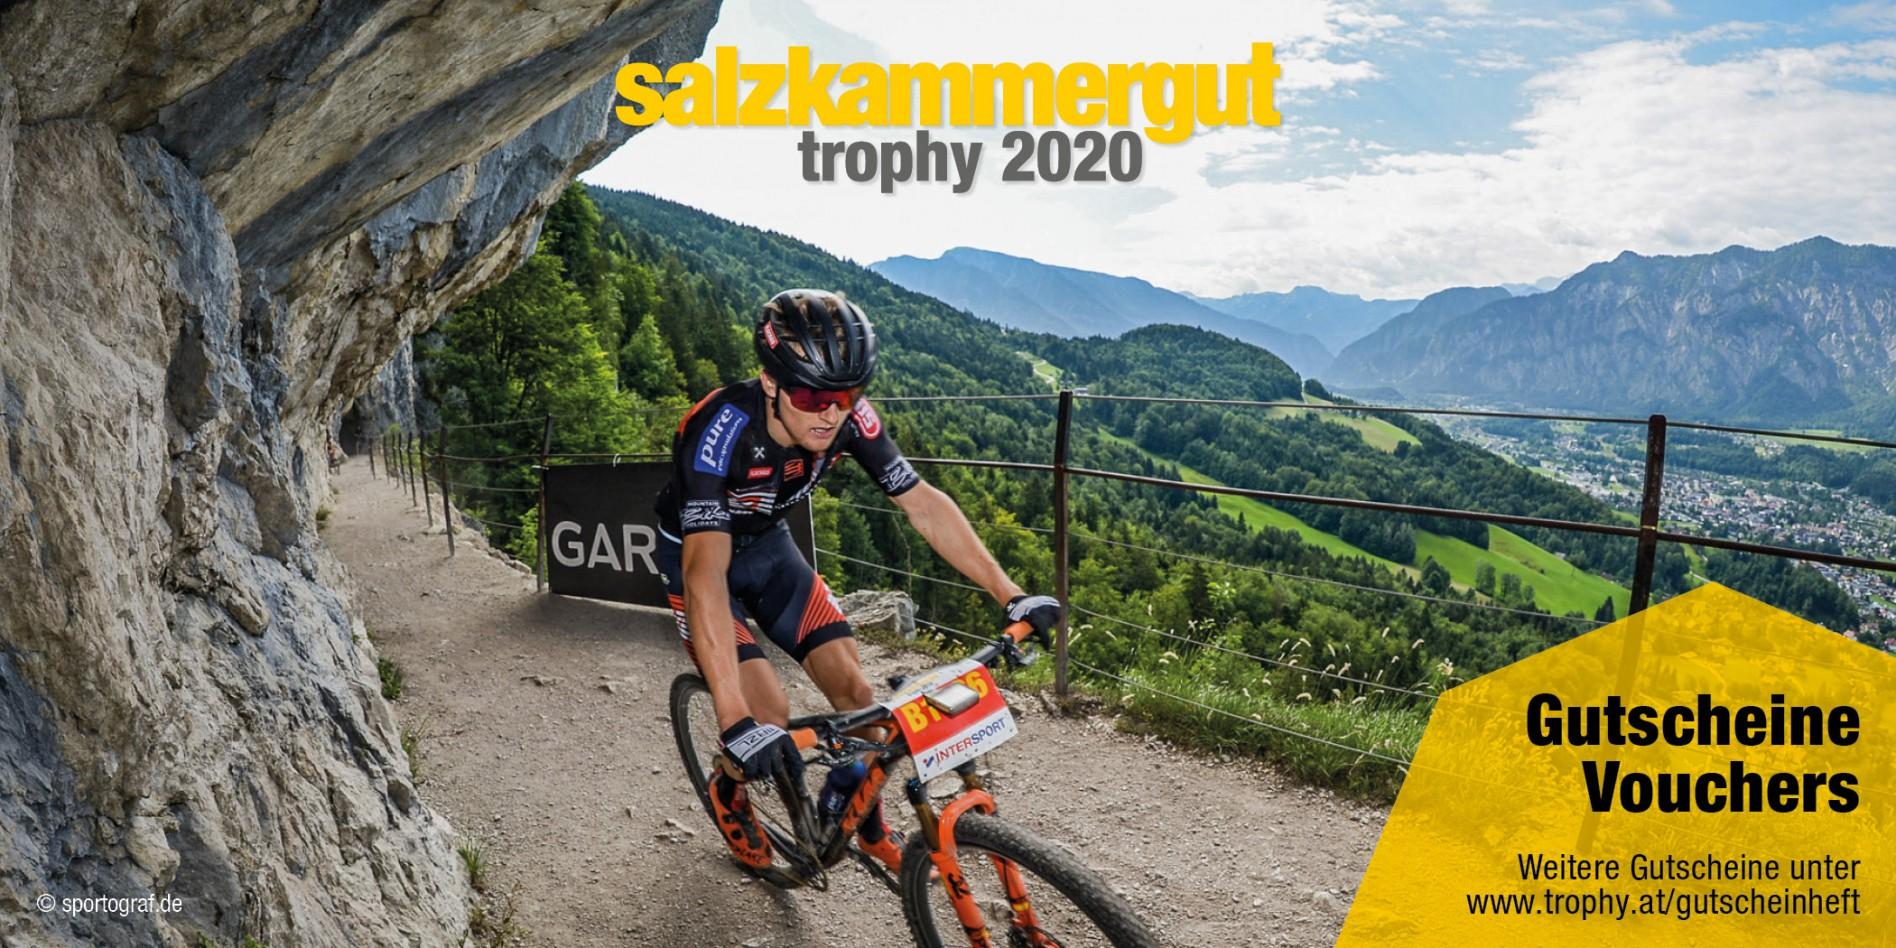 Gutscheinheft Cover 2020